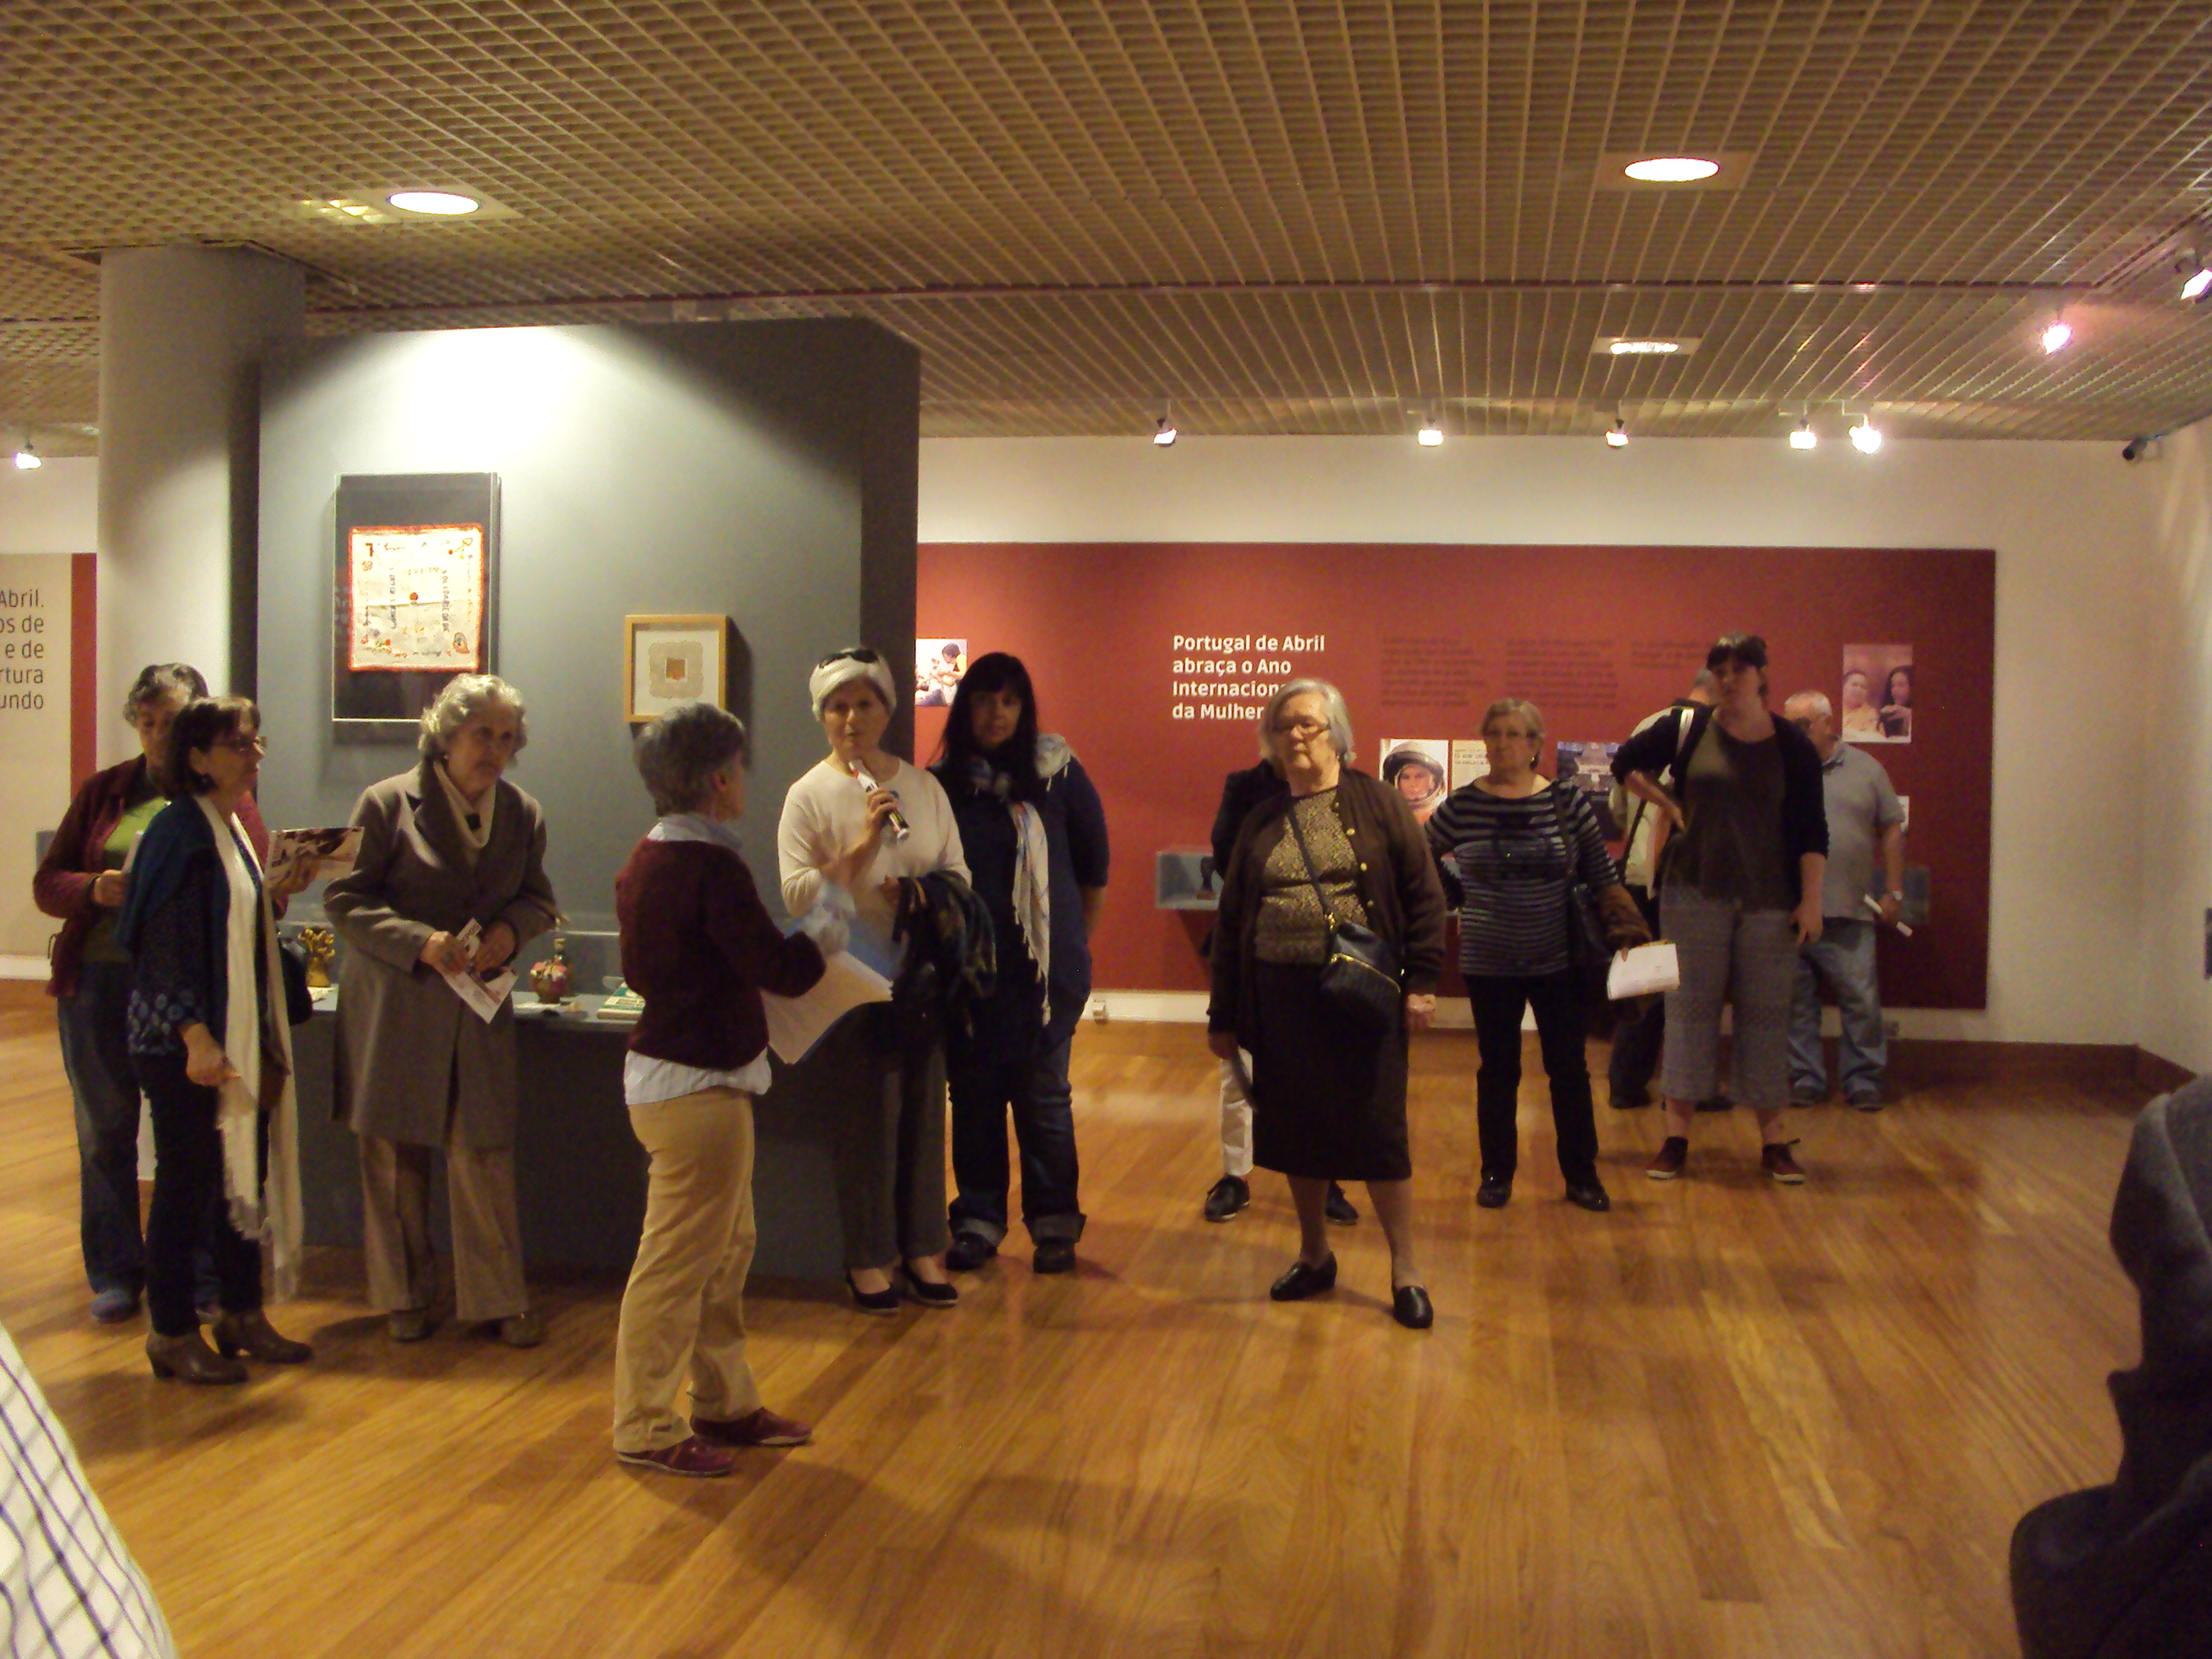 Visita guiada à exposição do 50º Aniversário do MDM